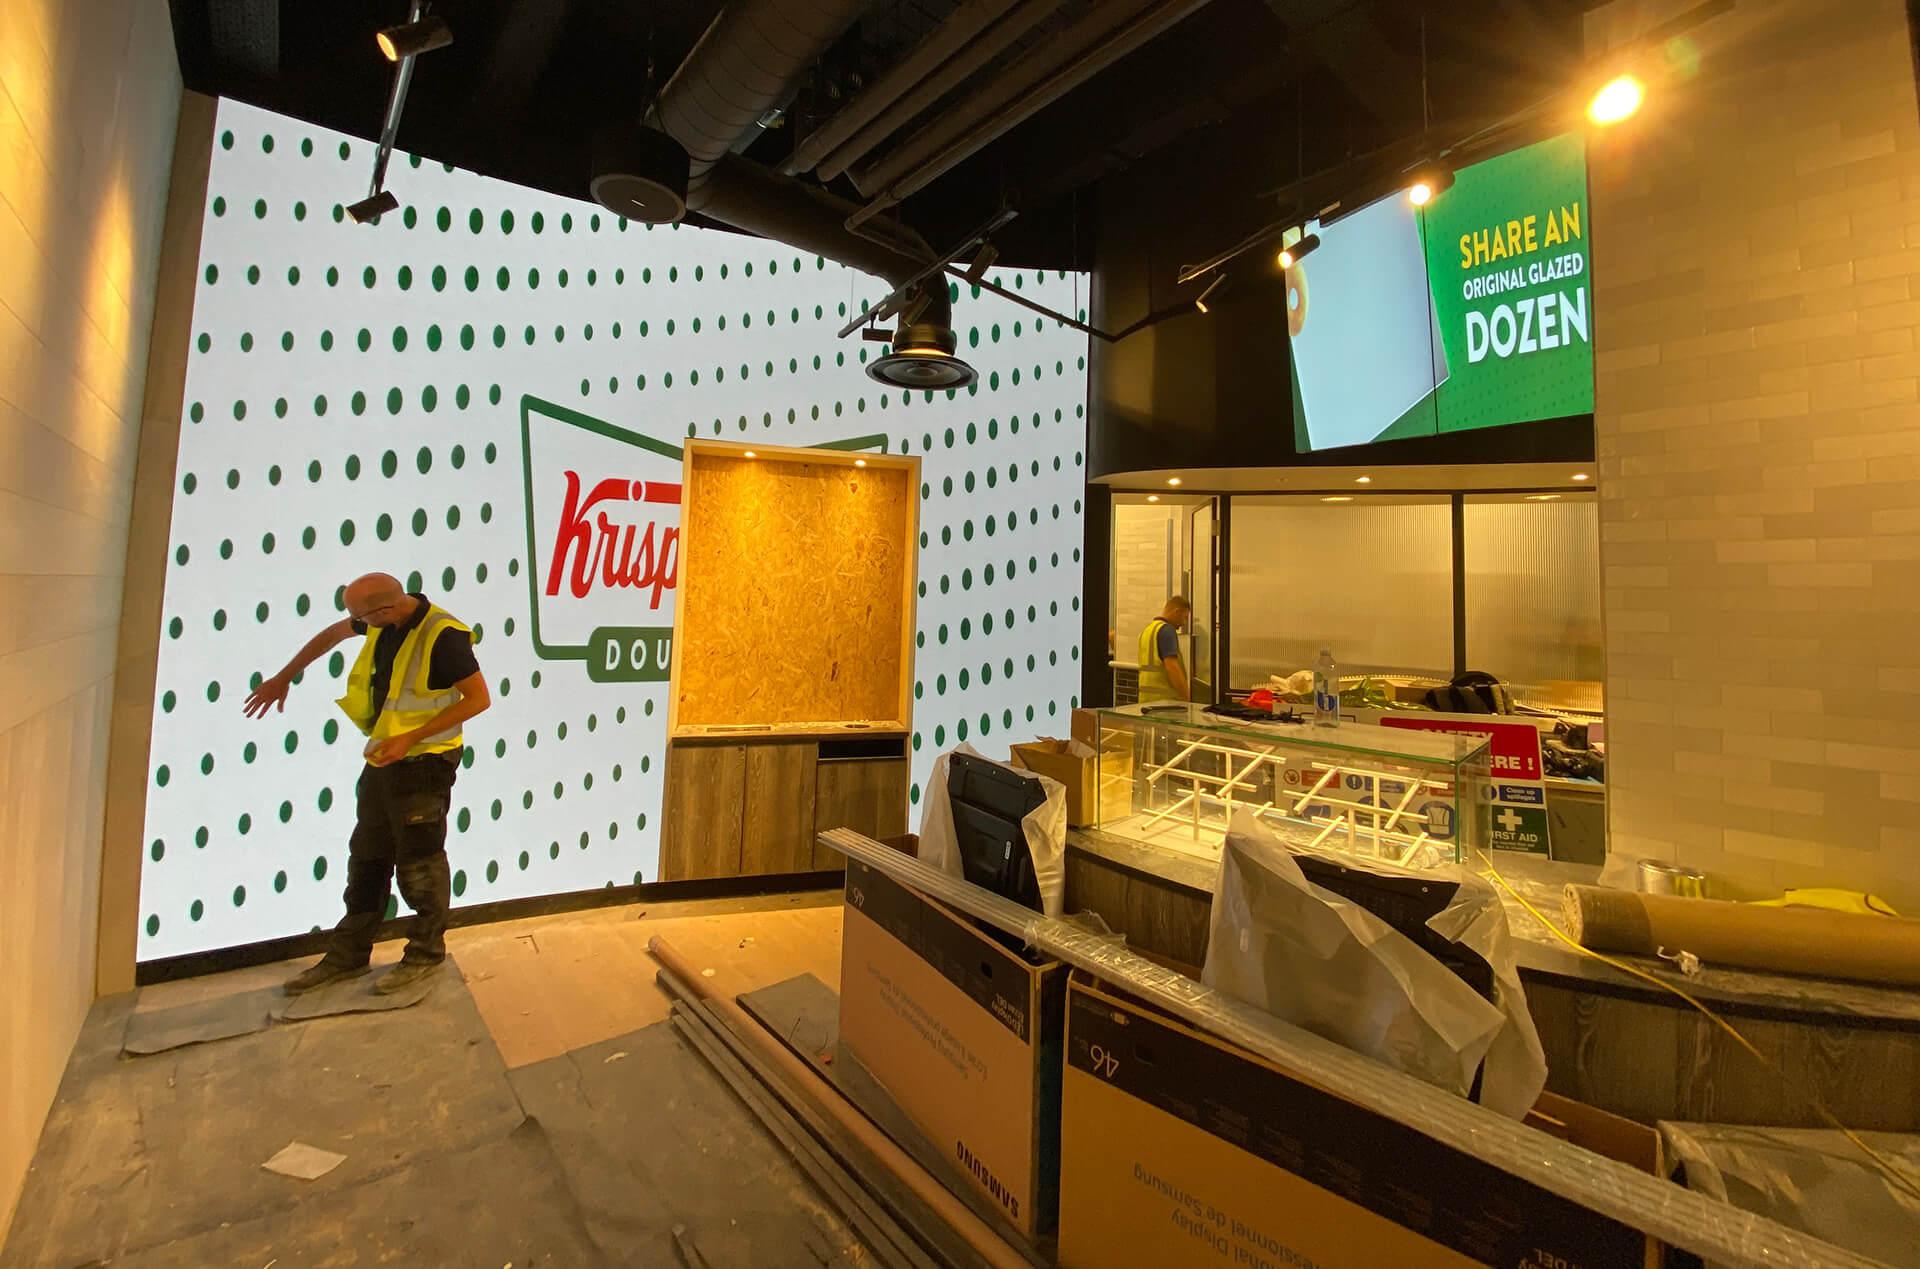 Eclipse Digital Media - Digital Signage, LED and AV Specialists - Krispy Kreme Westfield Stratford 2x1 Menu & LED